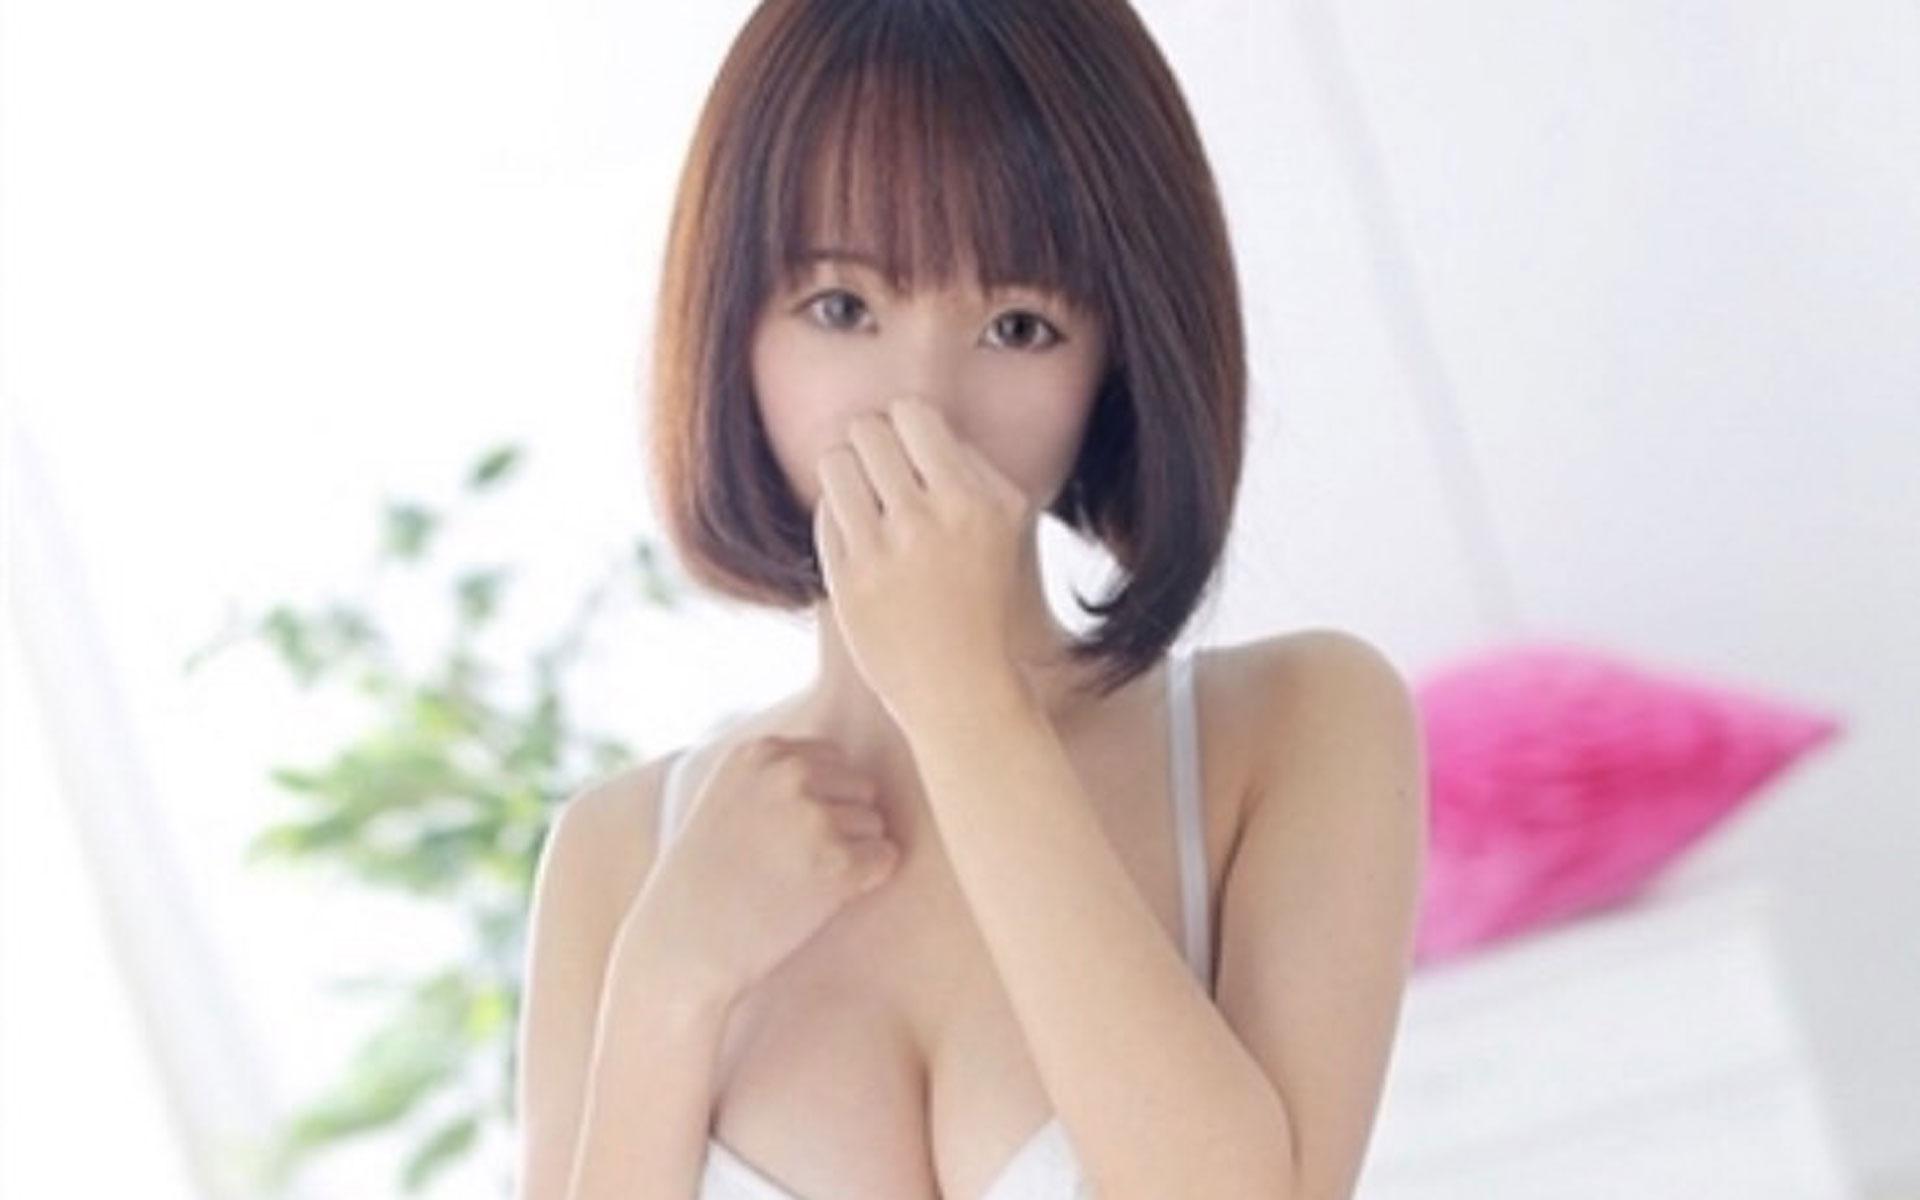 柏デリヘル 風俗|人妻デリバリーヘルス『秘密倶楽部 凛 柏店』